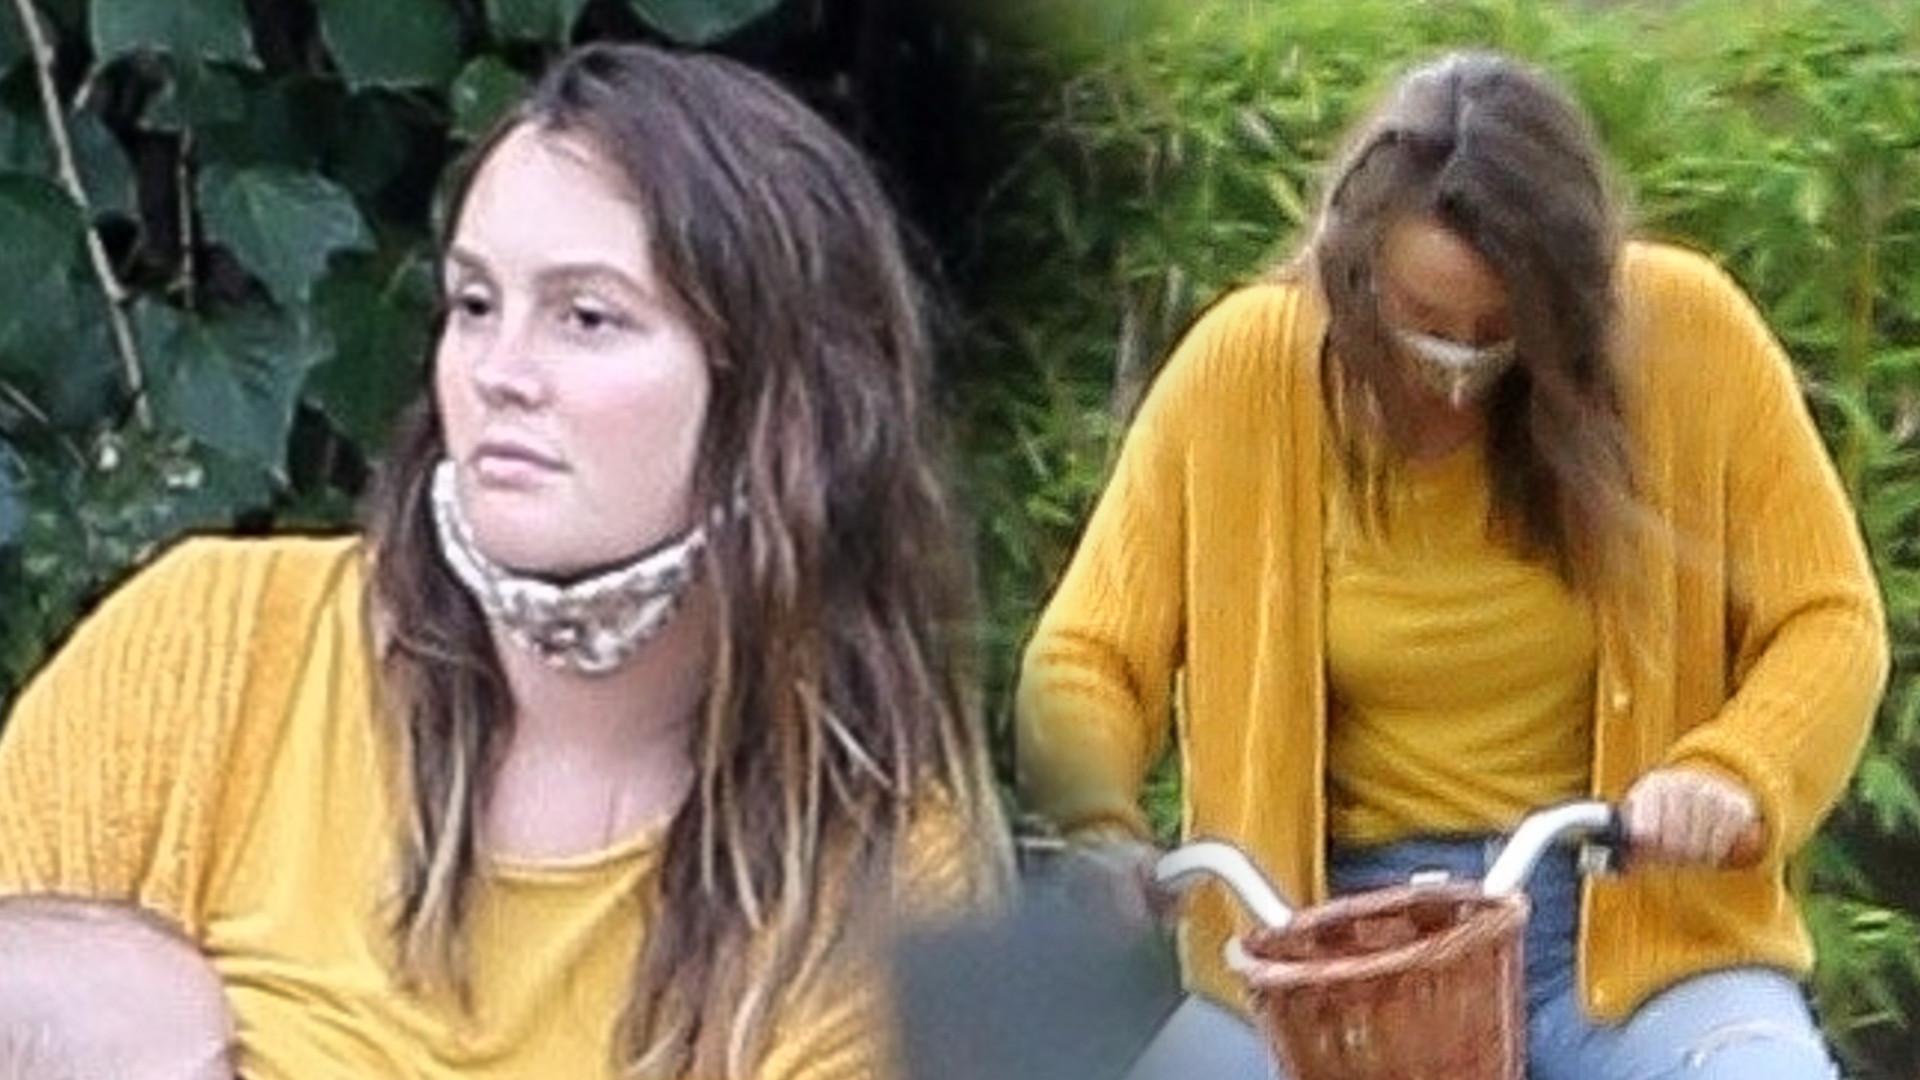 Leighton Meester spędza czas z rodziną i karmi piersią w parku (ZDJĘCIA)